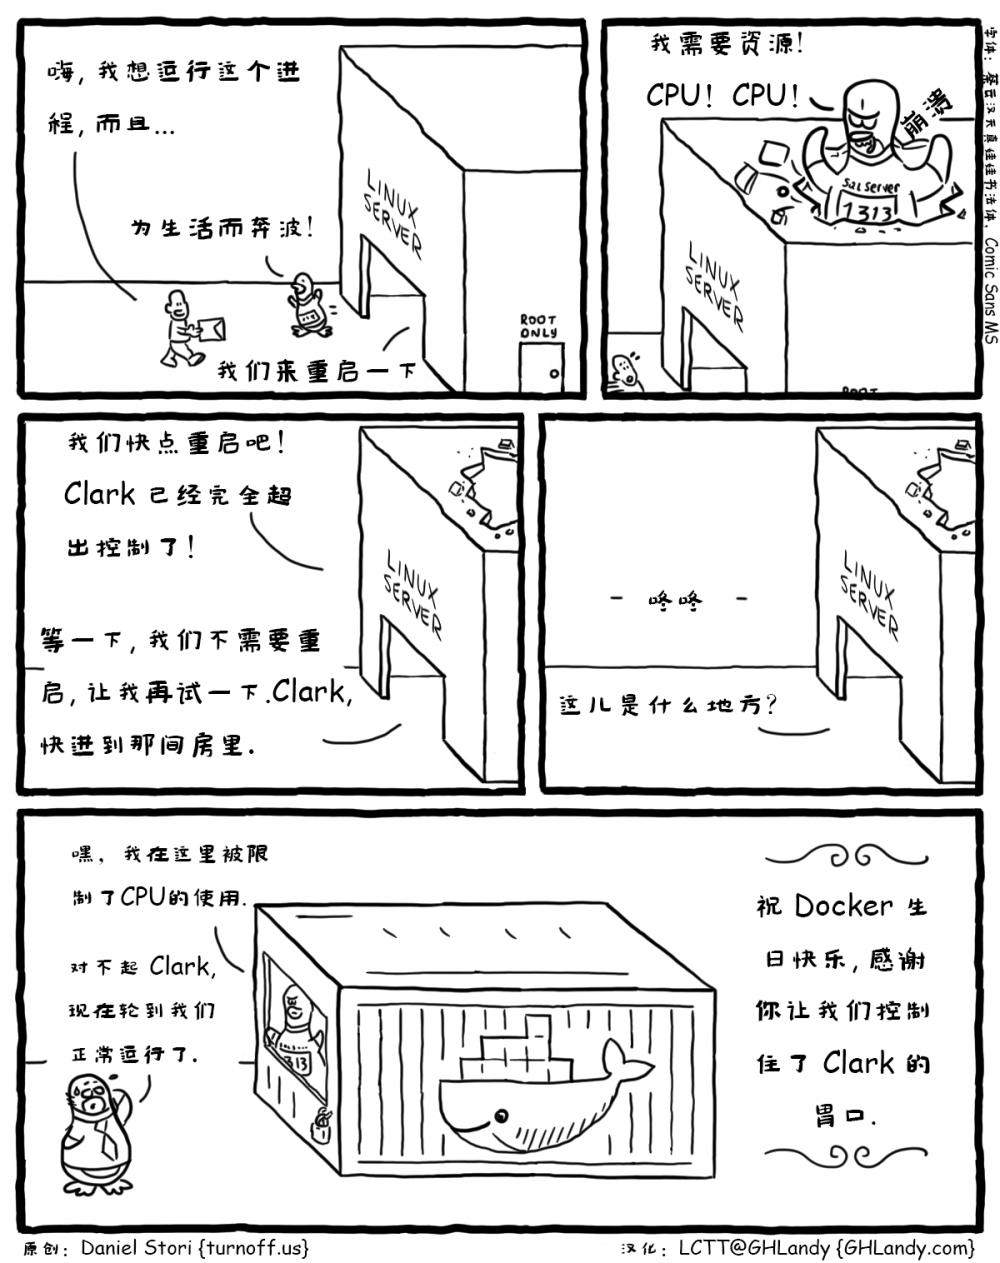 漫画赏析:Linux 版 SQL Server